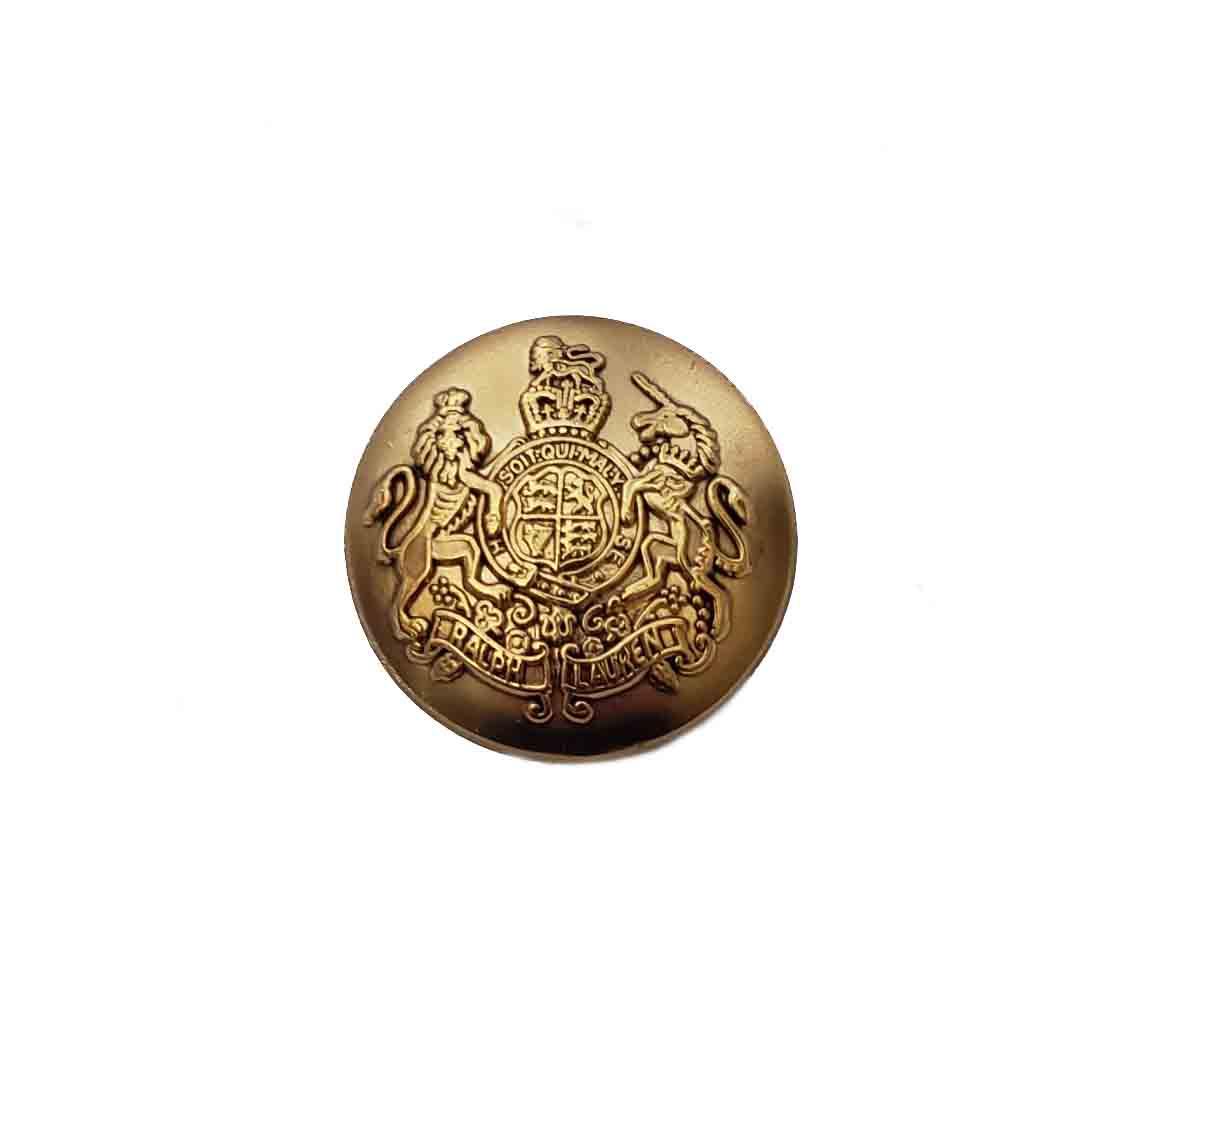 One Vintage Ralph Lauren Dome Blazer Button Dark Gold Brass Lion Unicorn 7/8 Inch